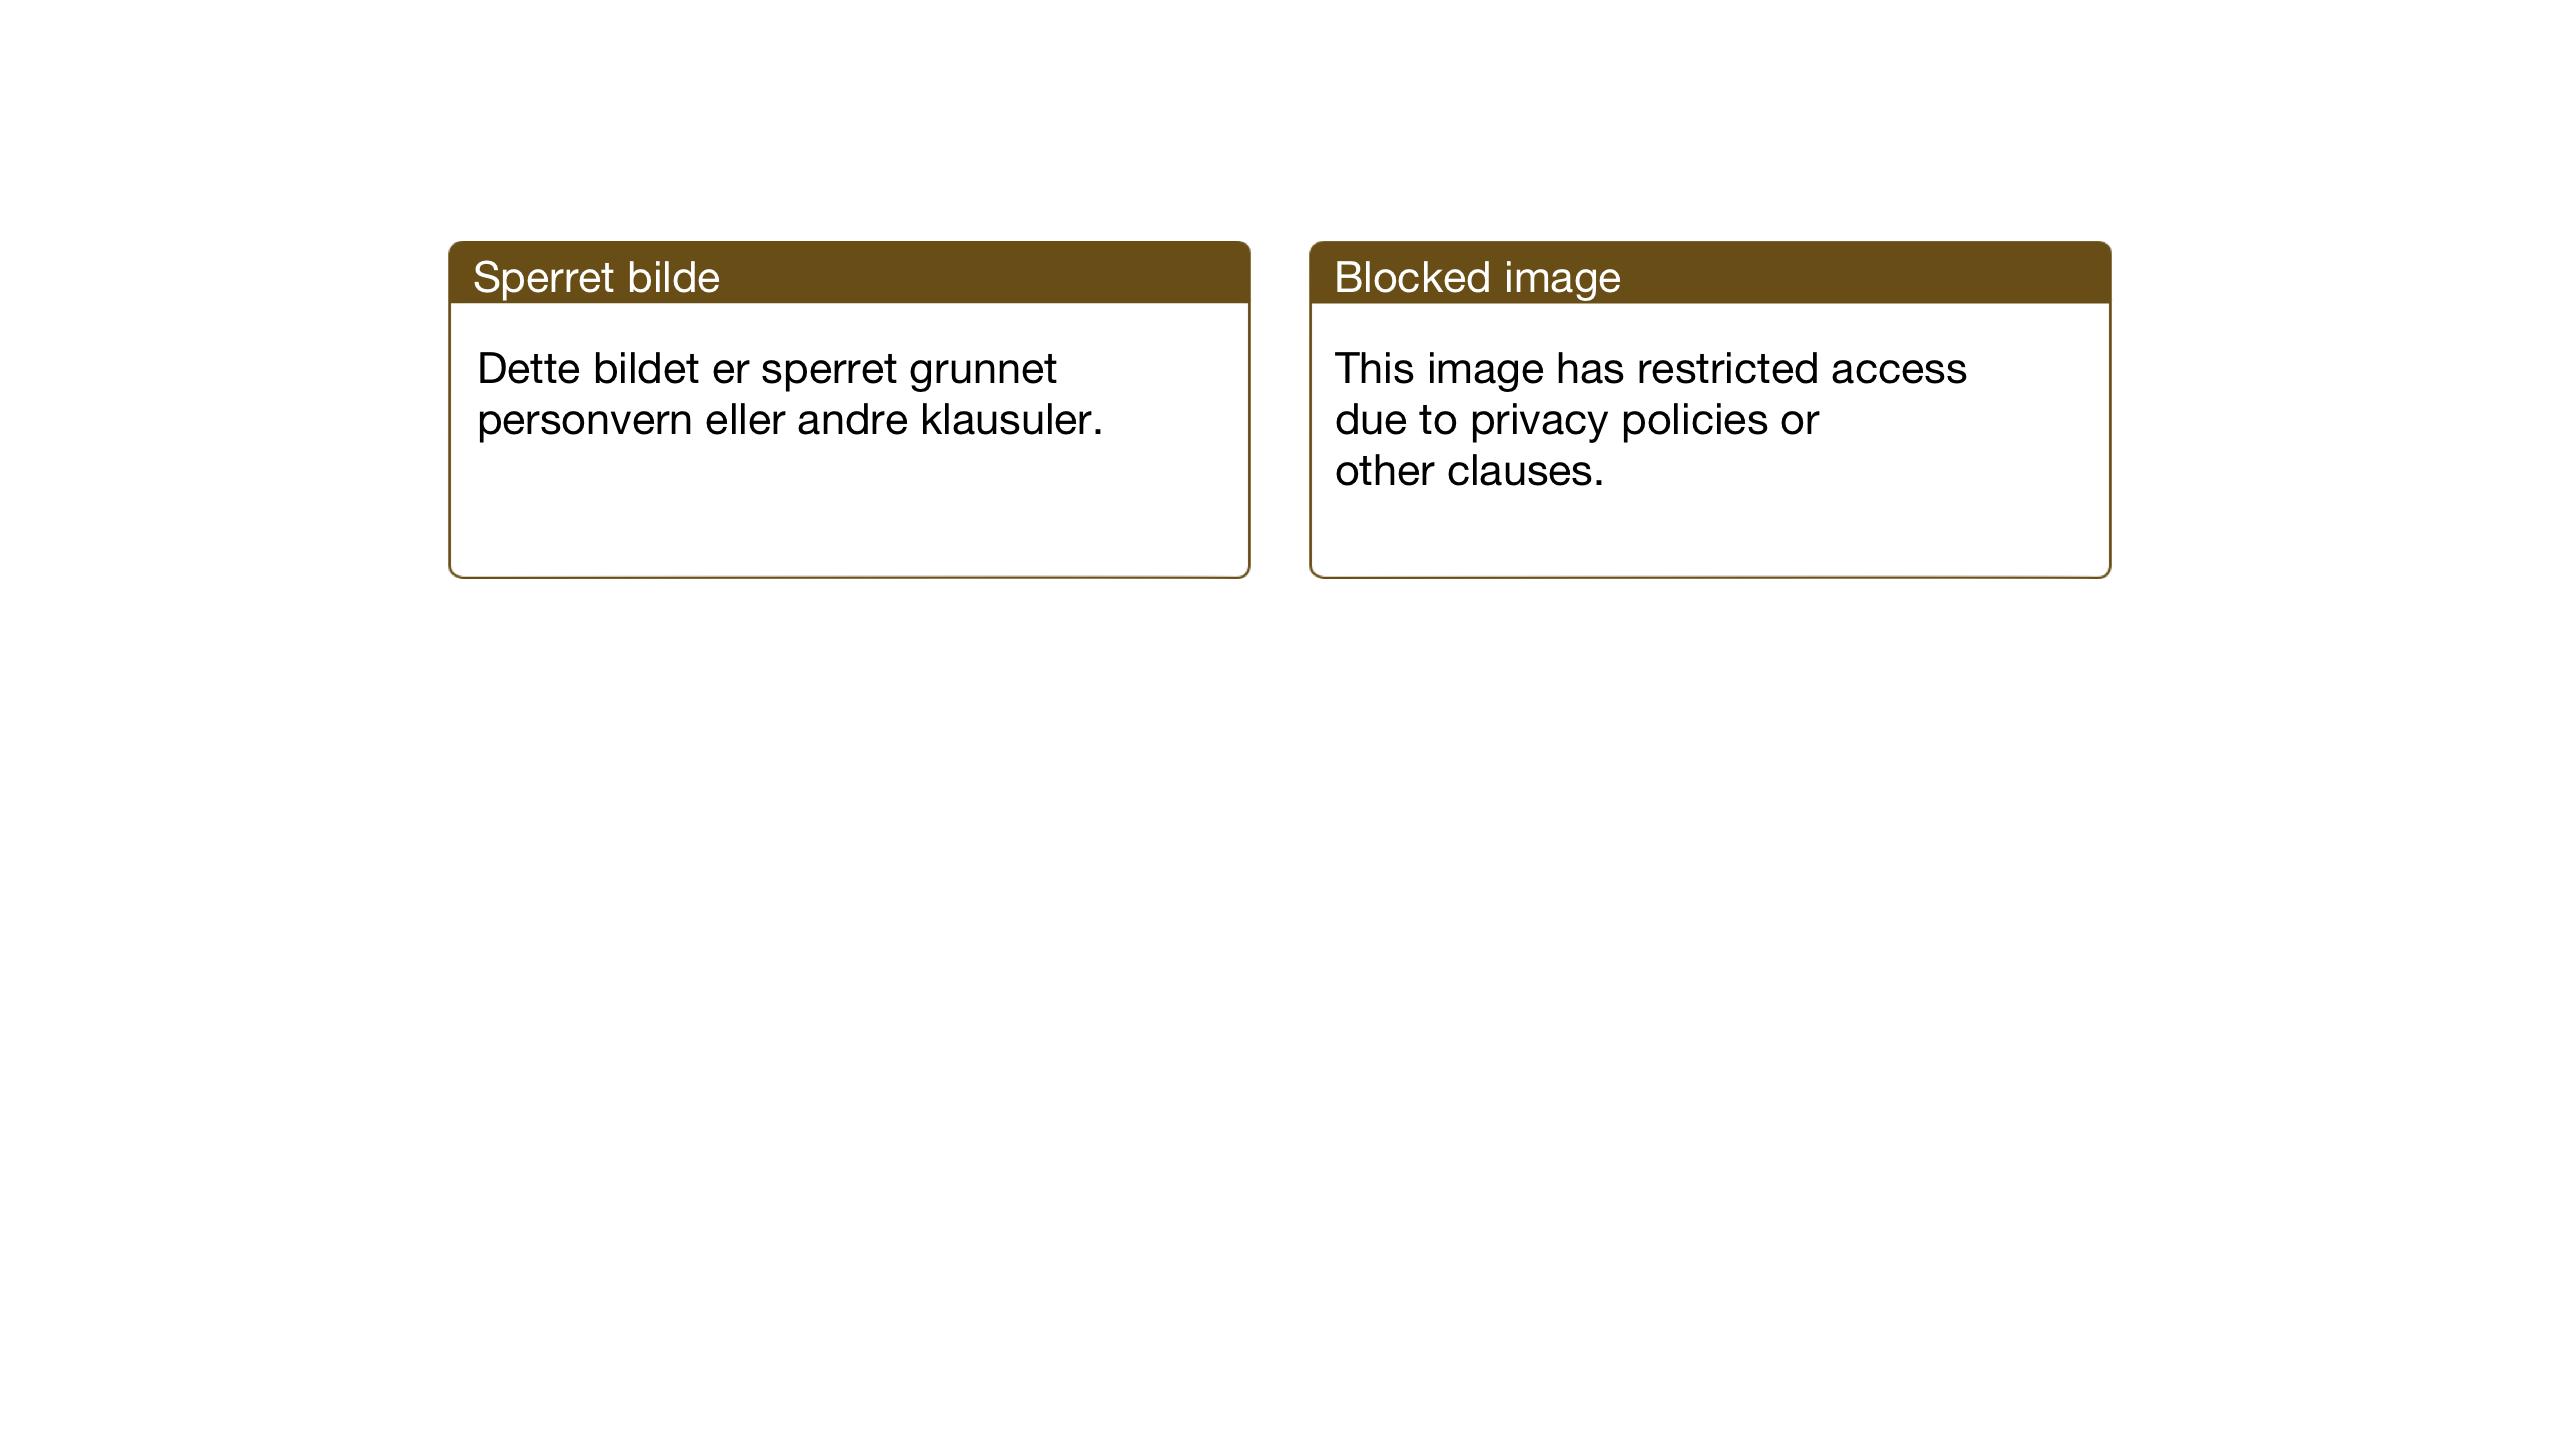 SAT, Ministerialprotokoller, klokkerbøker og fødselsregistre - Sør-Trøndelag, 608/L0342: Klokkerbok nr. 608C08, 1912-1938, s. 40